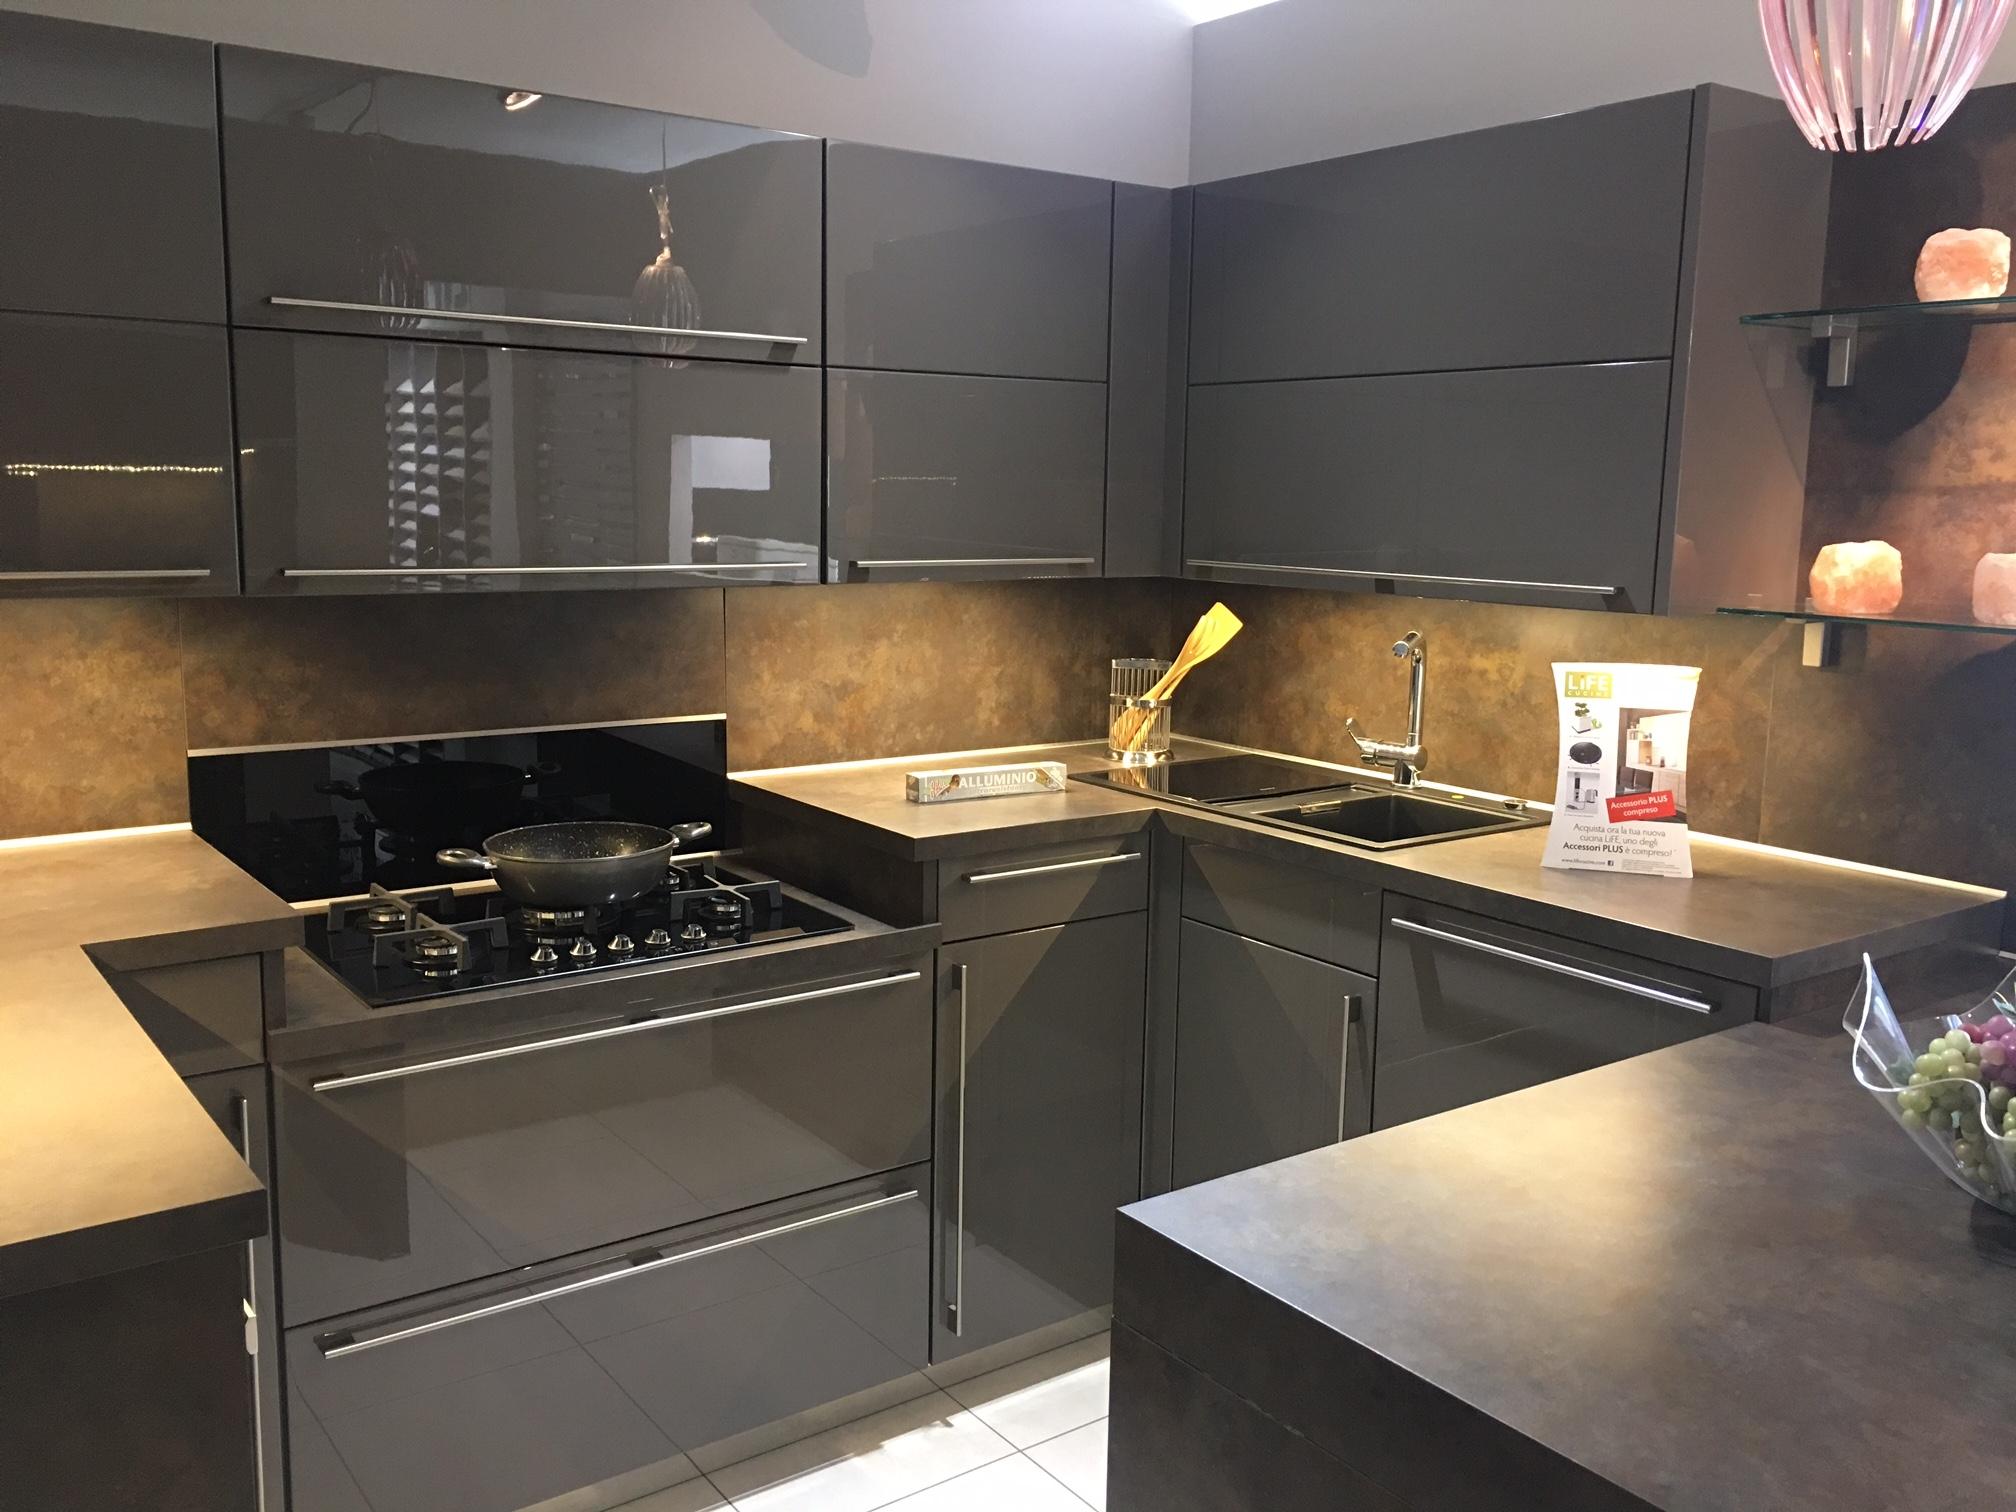 Cucina ad angolo life cucine lux in promozione cucine a - Life cucine milano ...